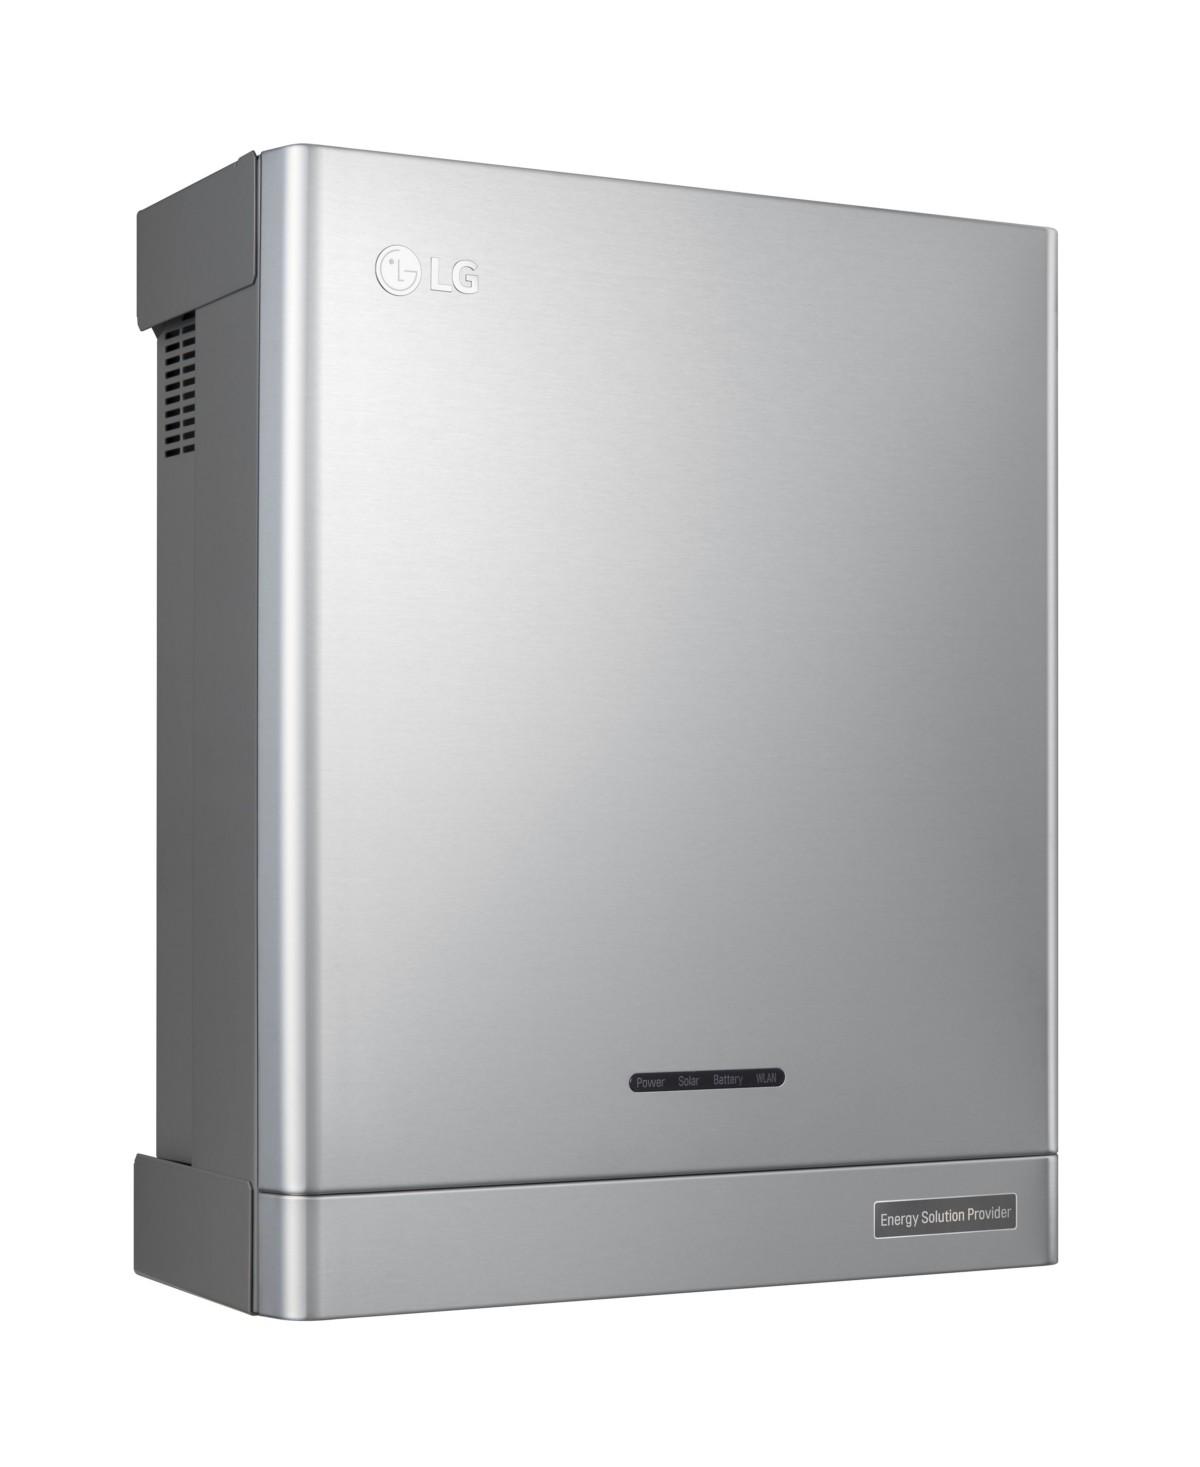 LG전자, 독일서 차세대 가정용 ESS 신제품 출시